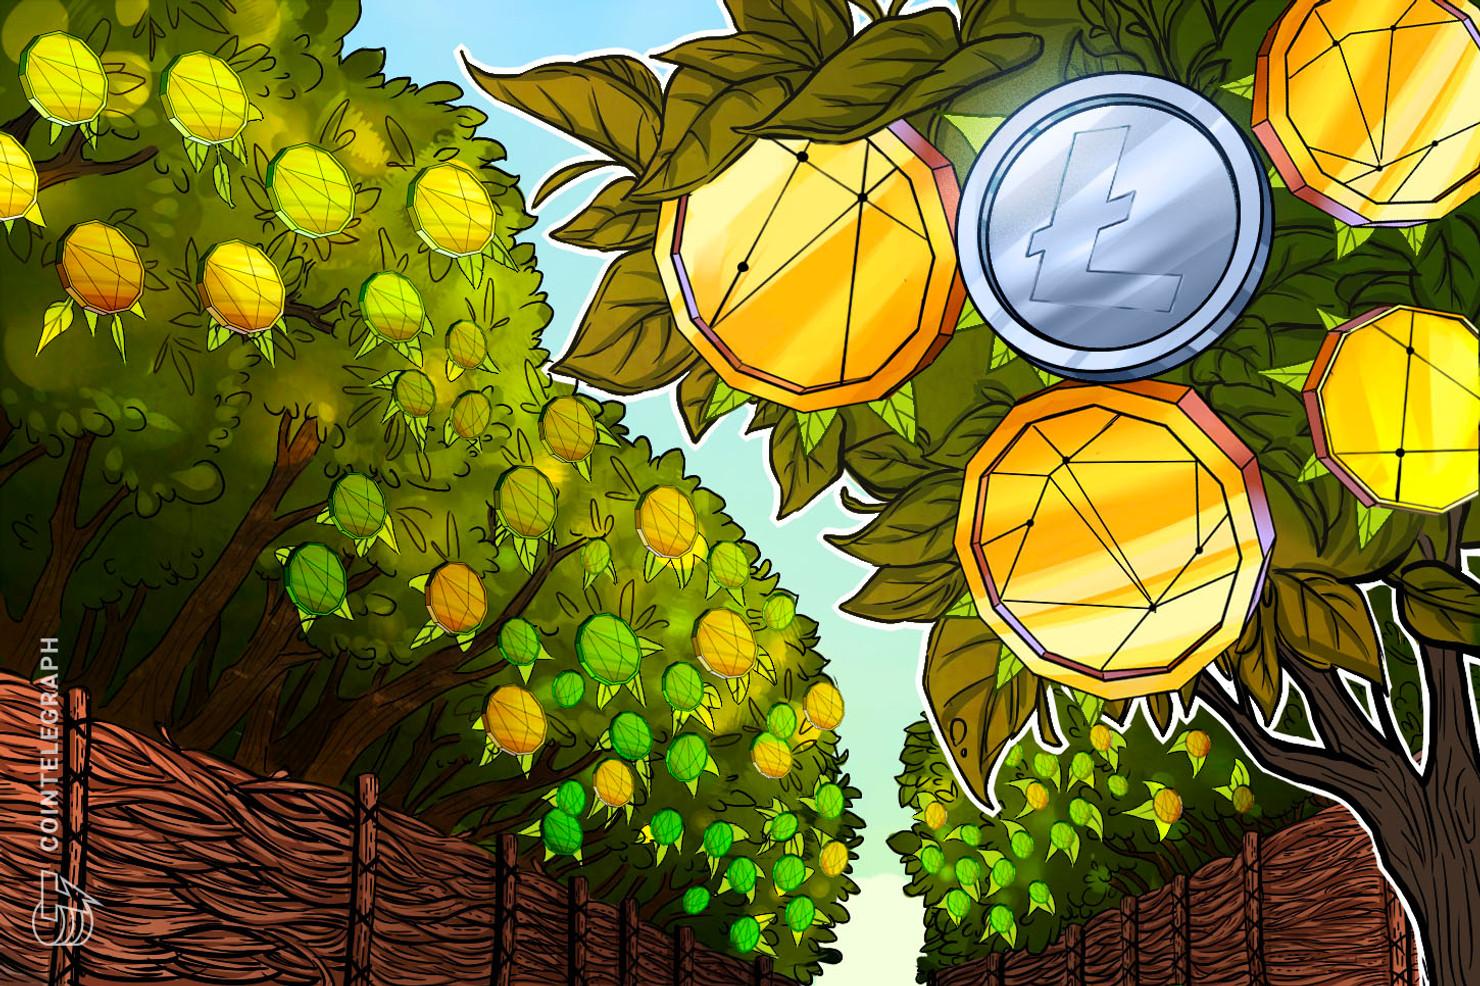 ライトコイン財団、年利最大10%をうたう仮想通貨レンディングのクレドと提携【ニュース】